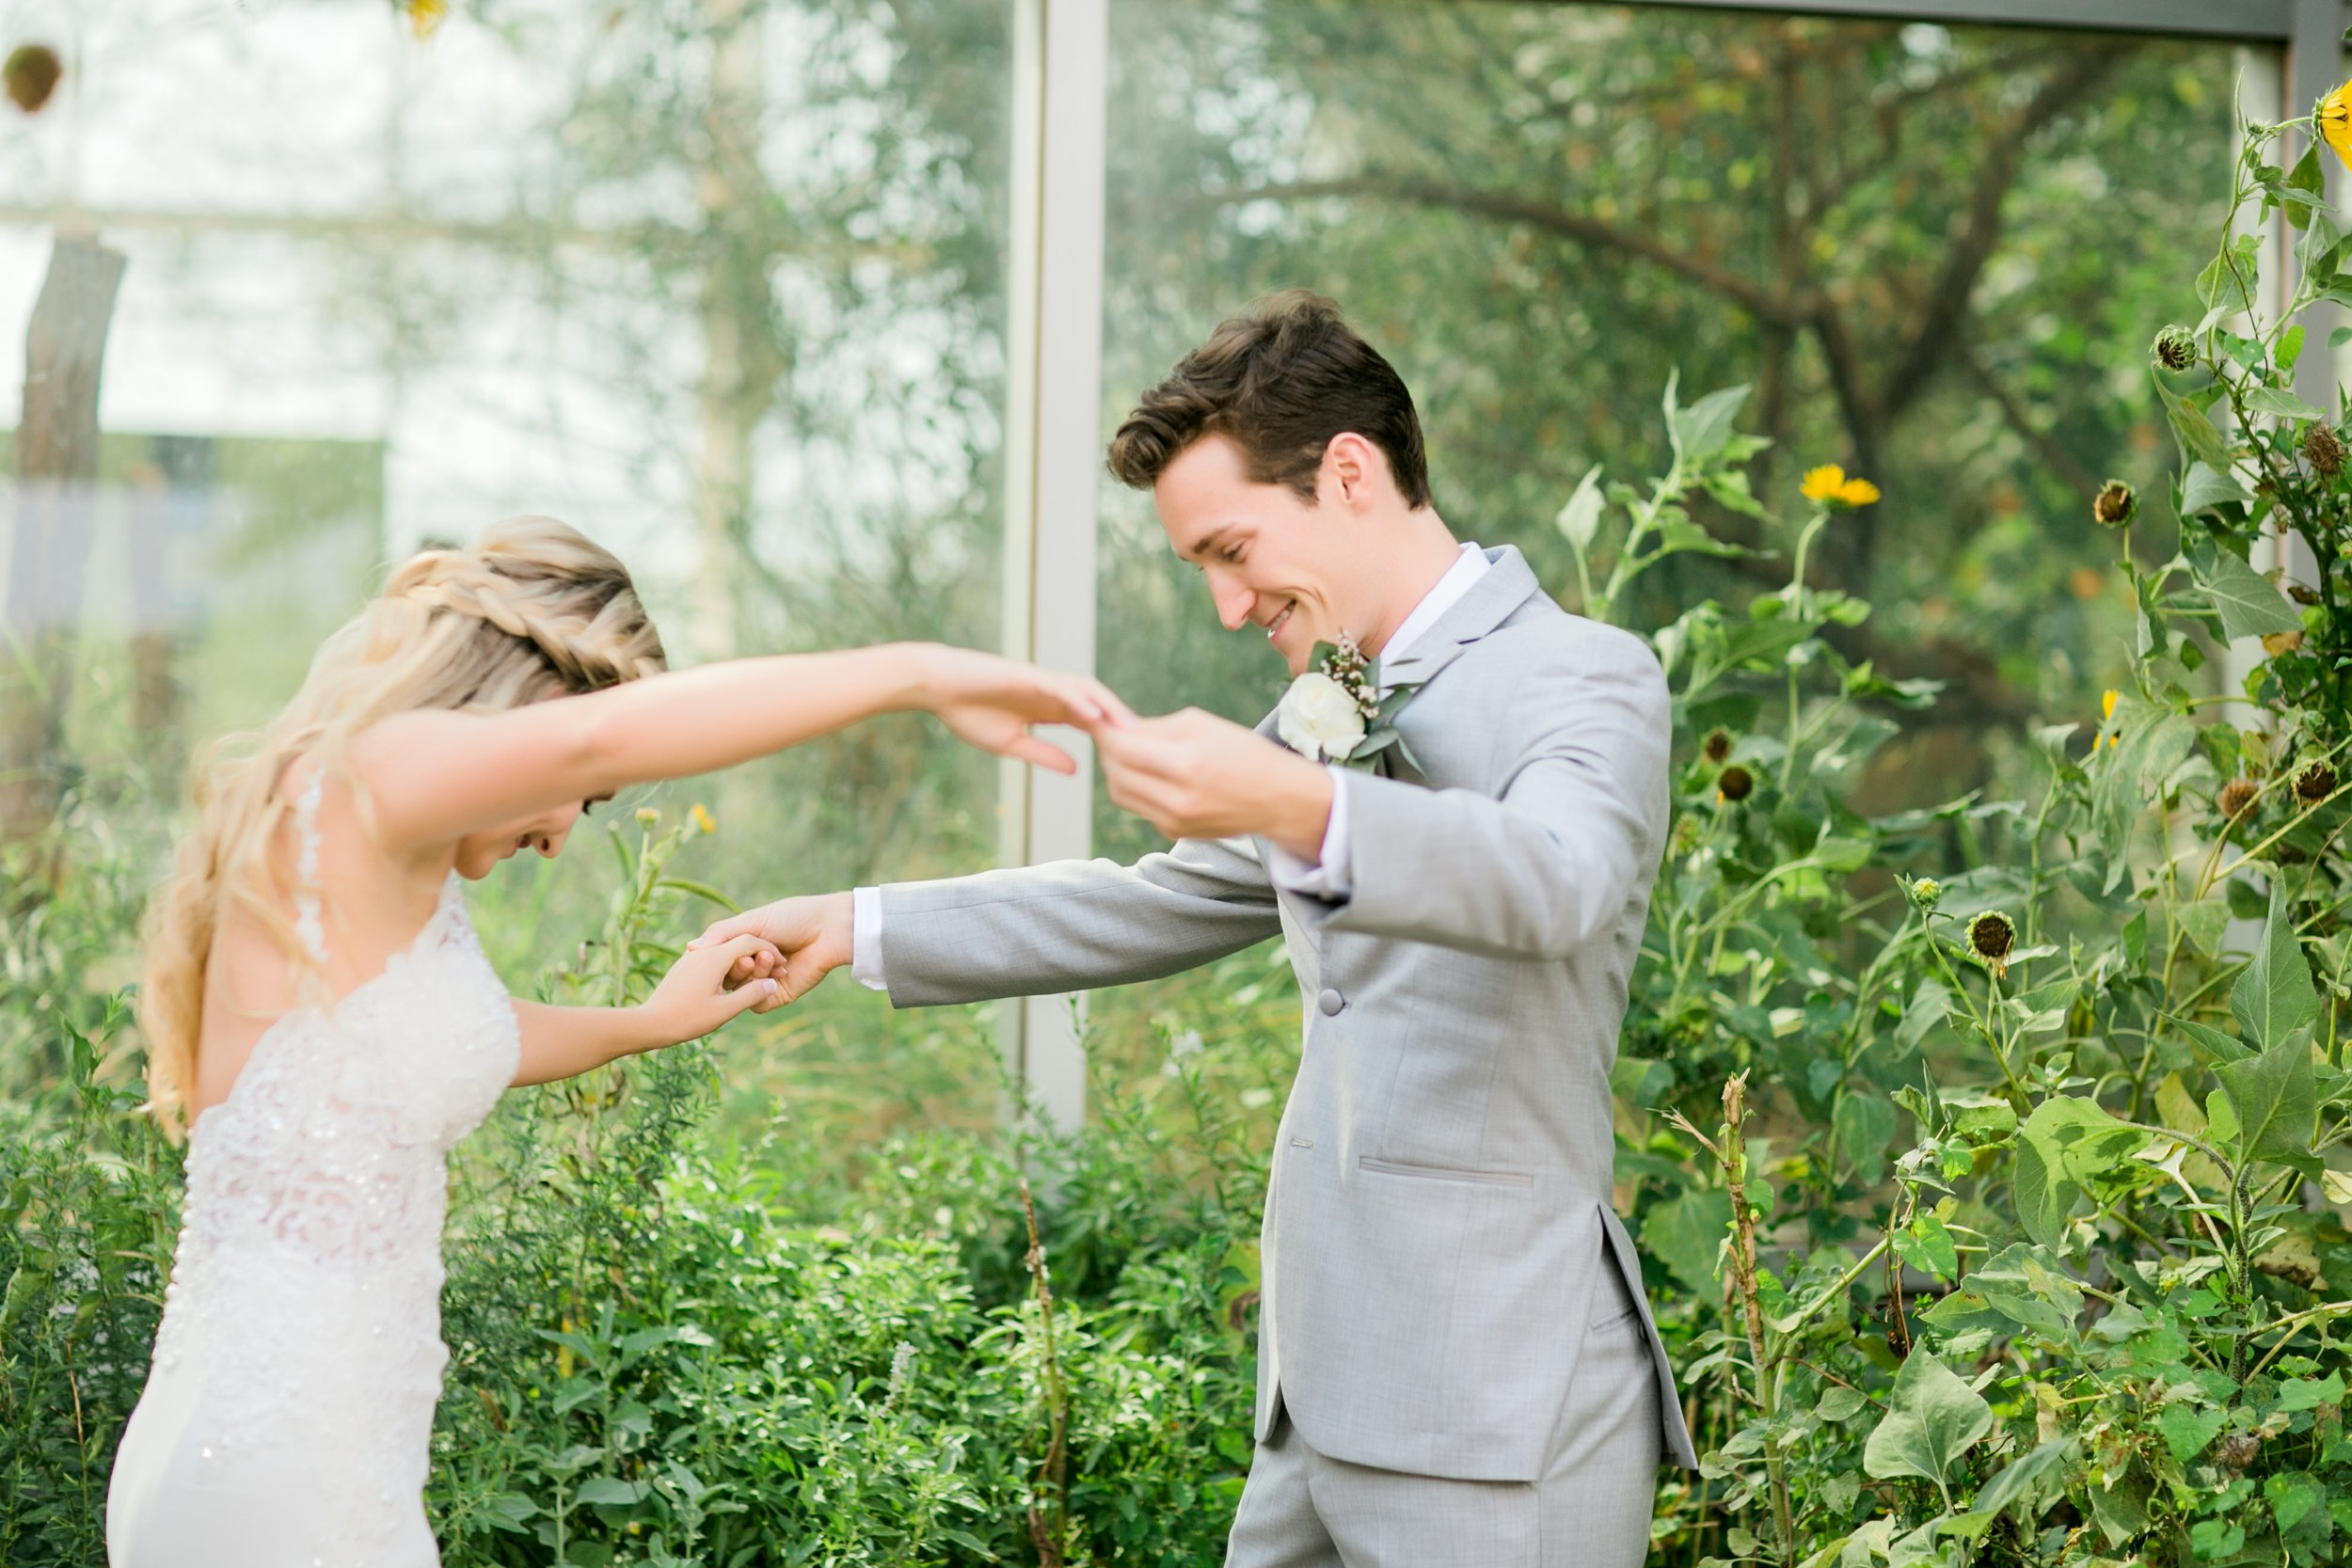 beurger wedding-019.jpg